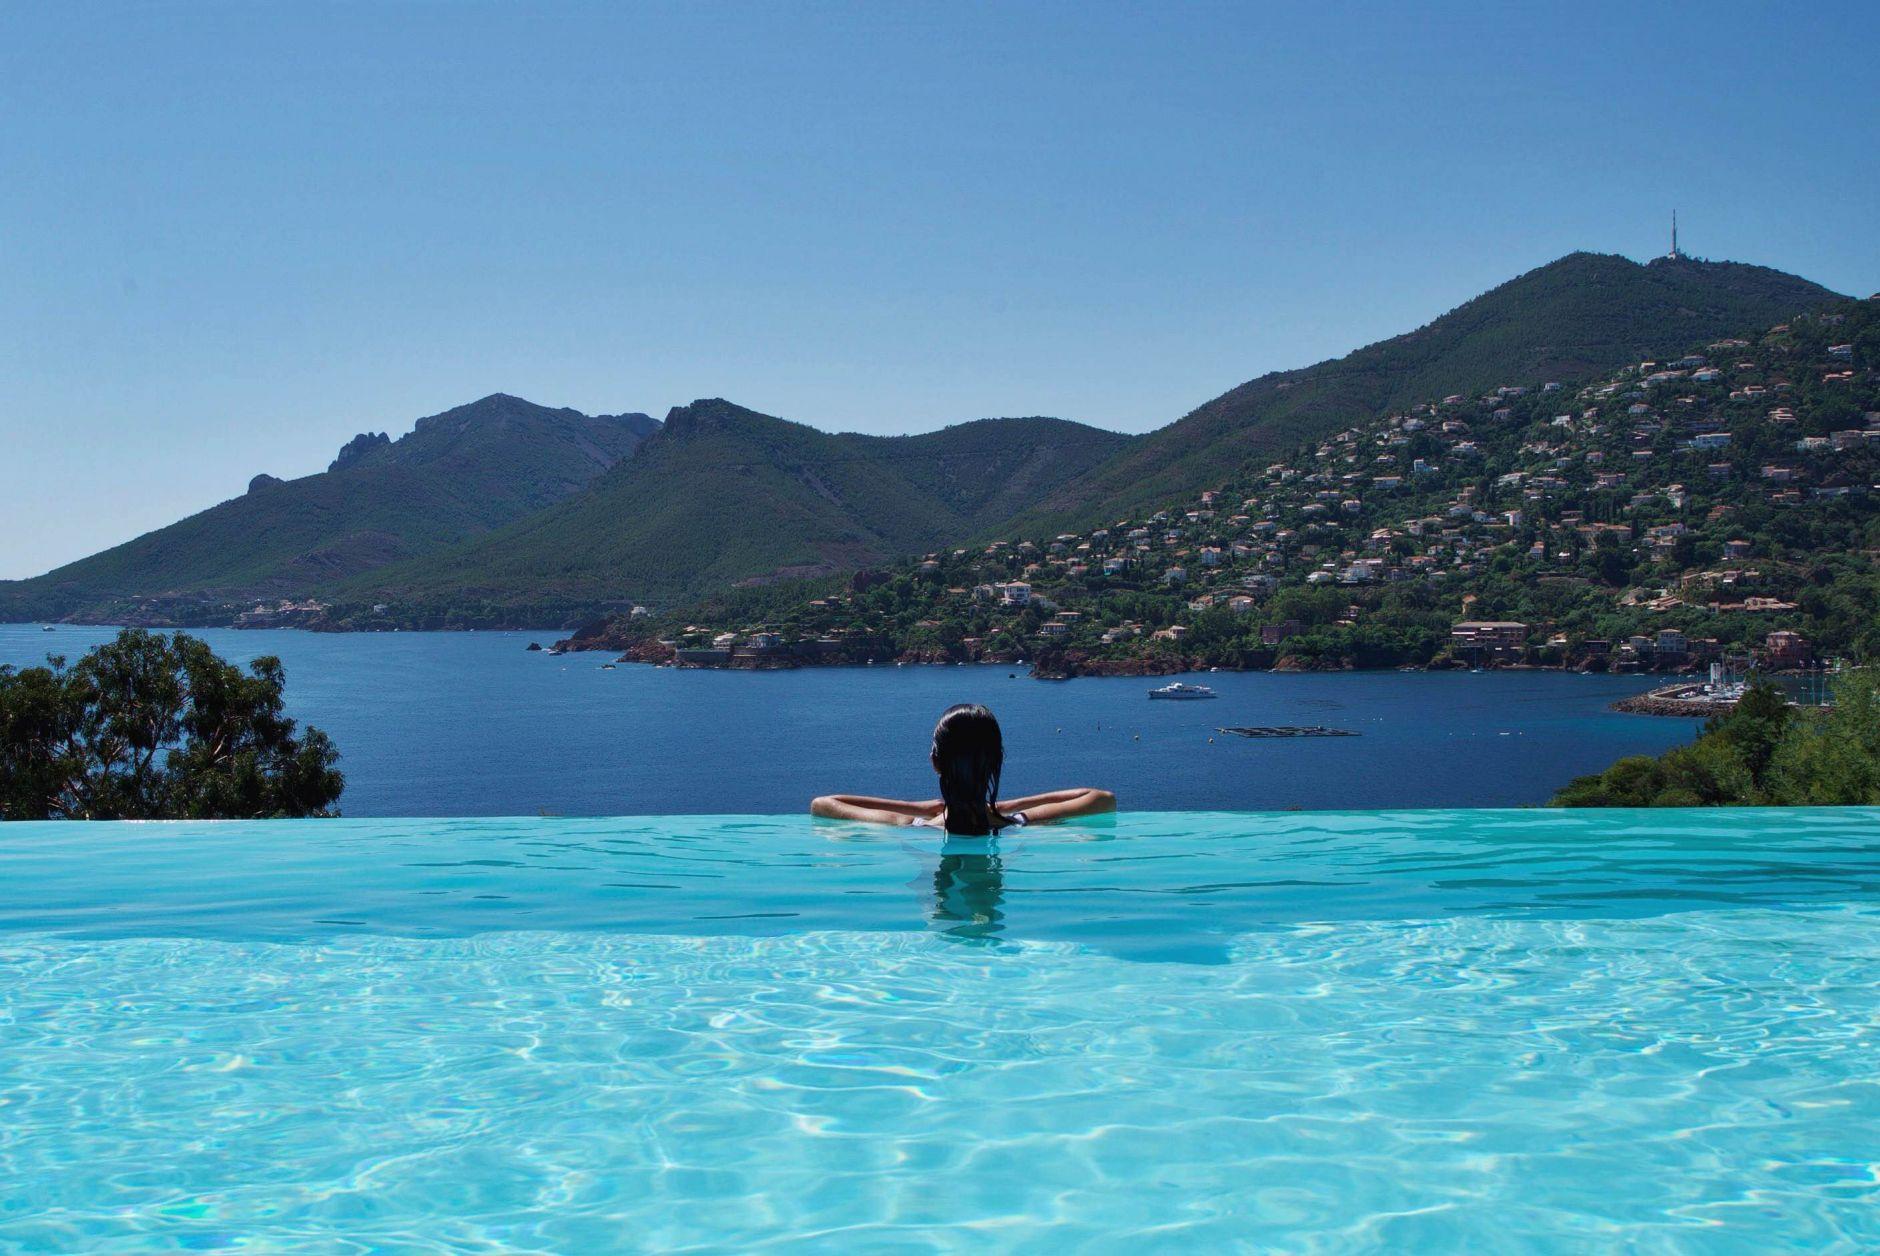 13-travel-lifestyle-hotel-tiara-yaktsa-cote-dazur-disi-couture